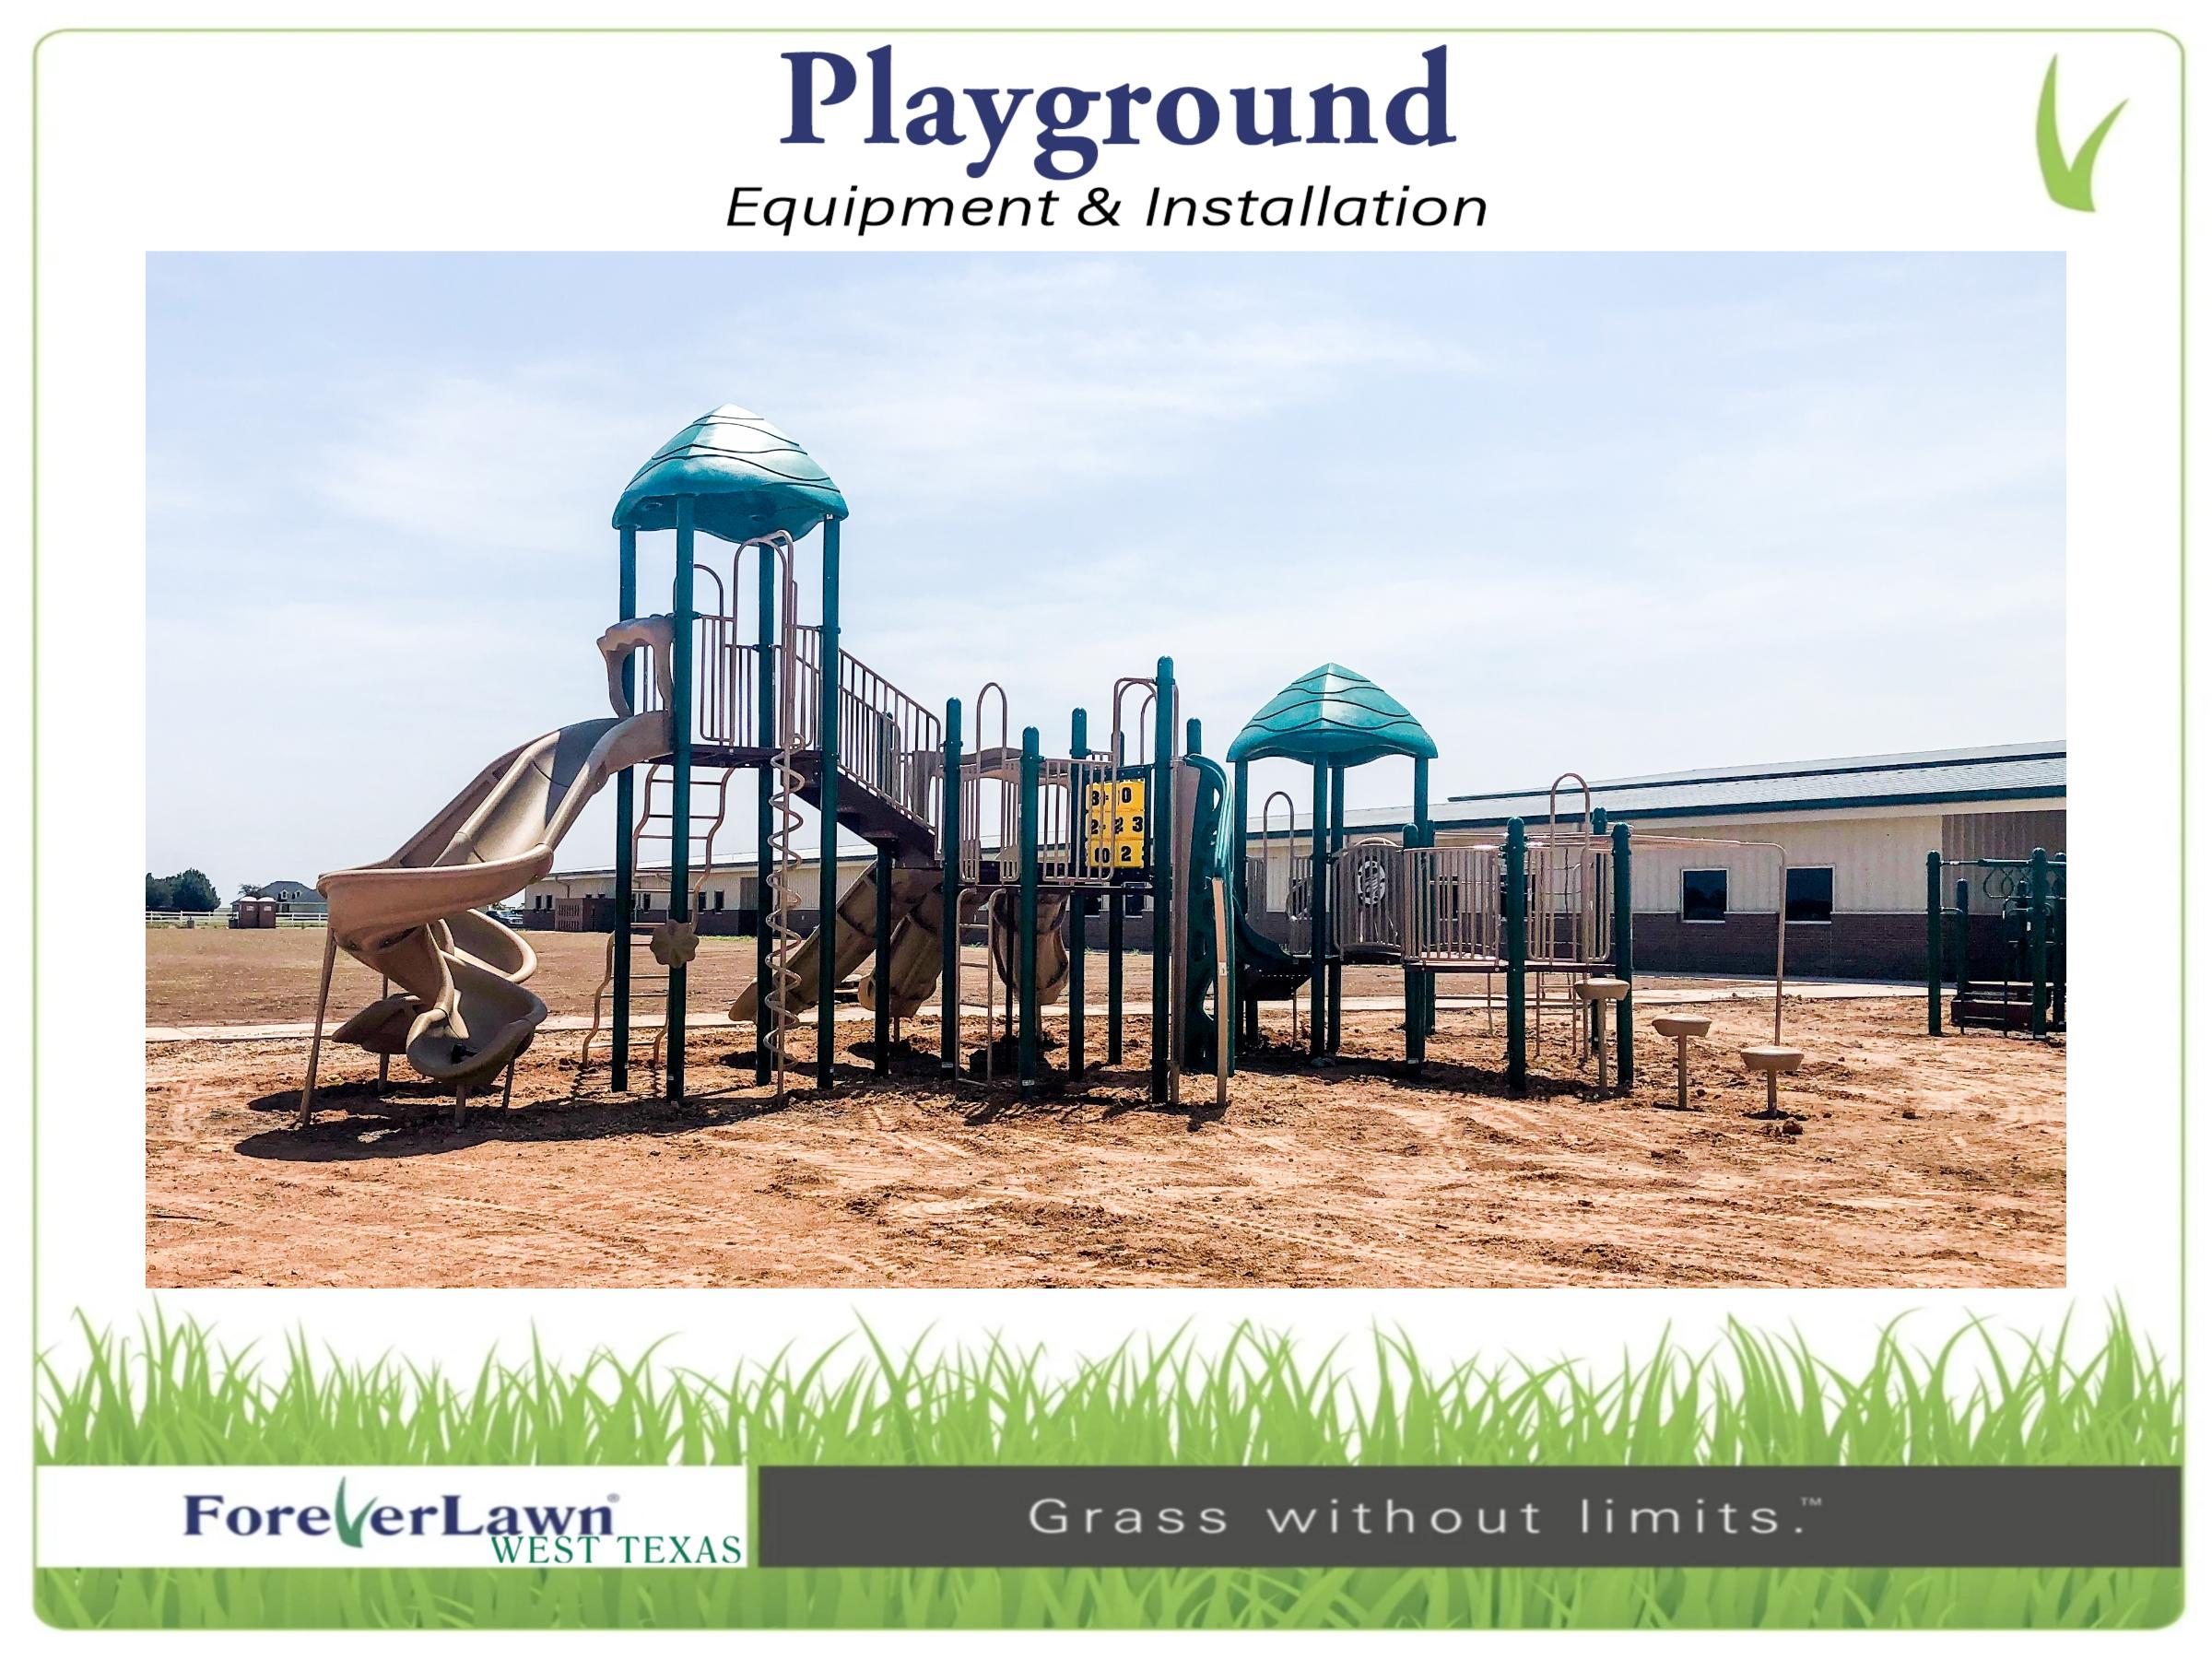 playground - Page 010.jpg